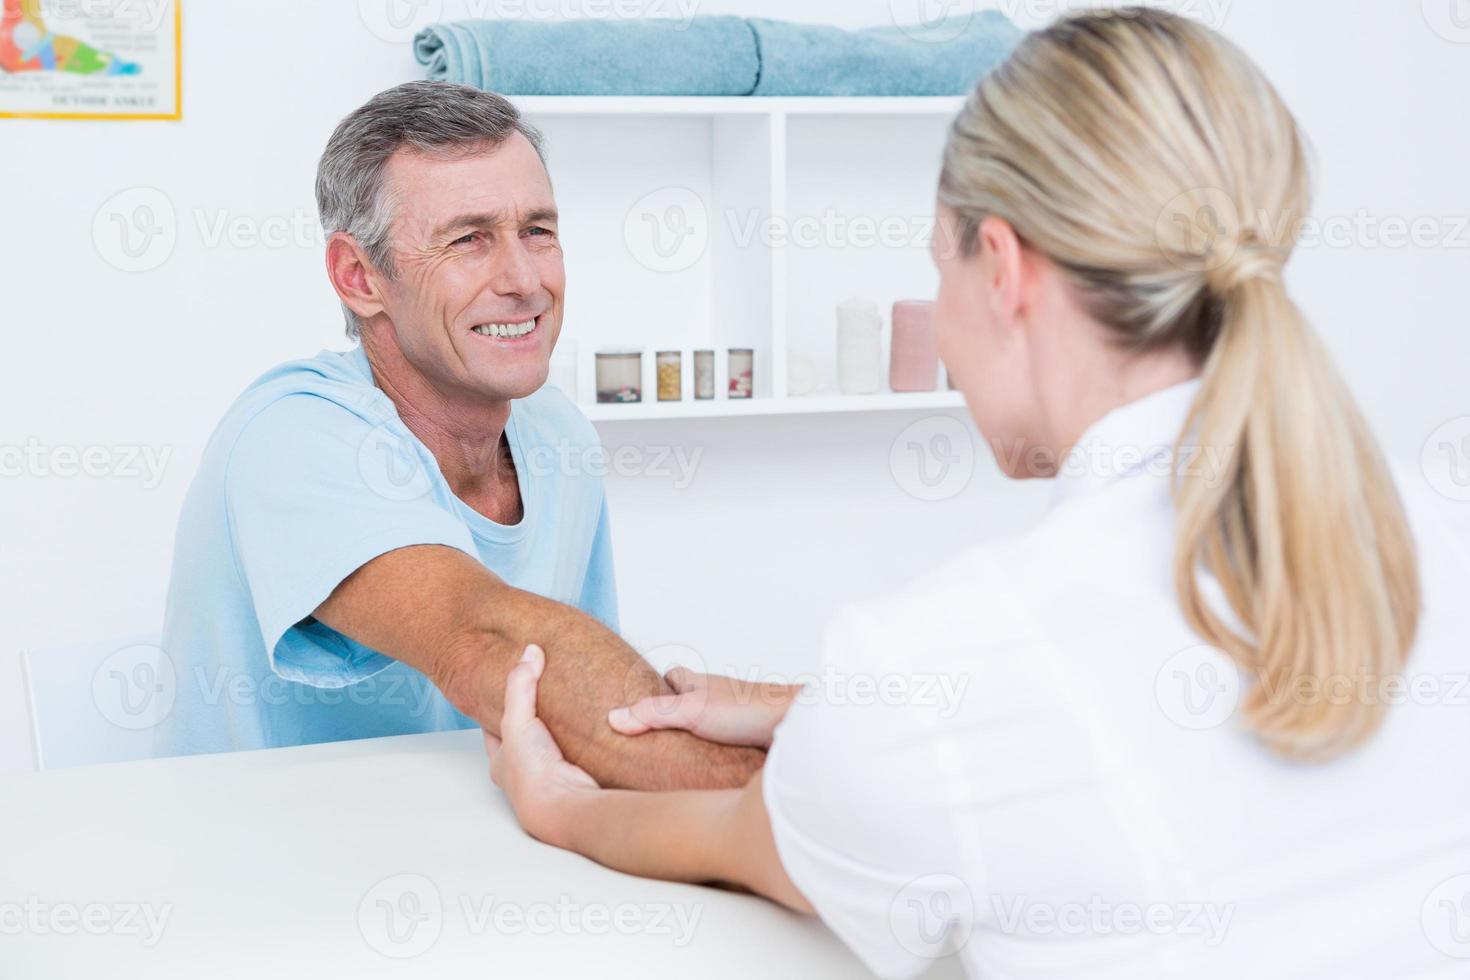 médico fazendo massagem nos braços foto